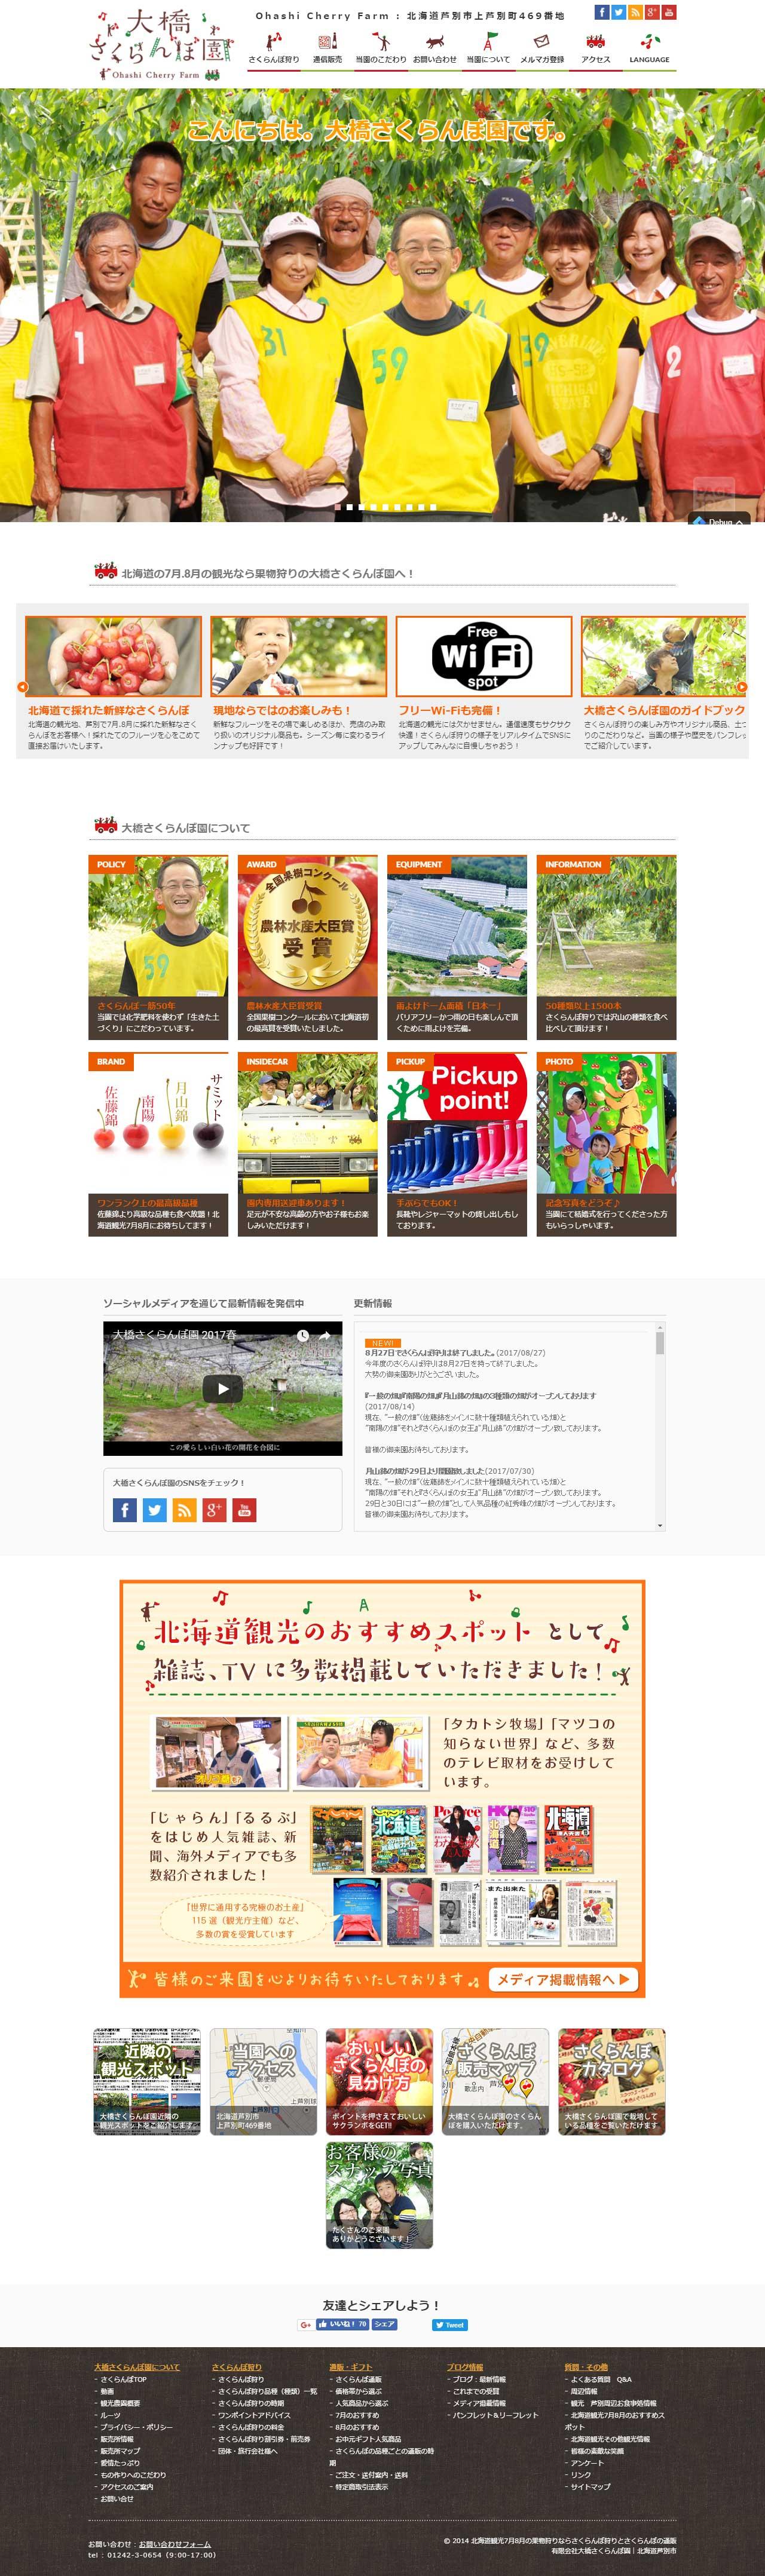 7月8月にさくらんぼ狩り北海道観光